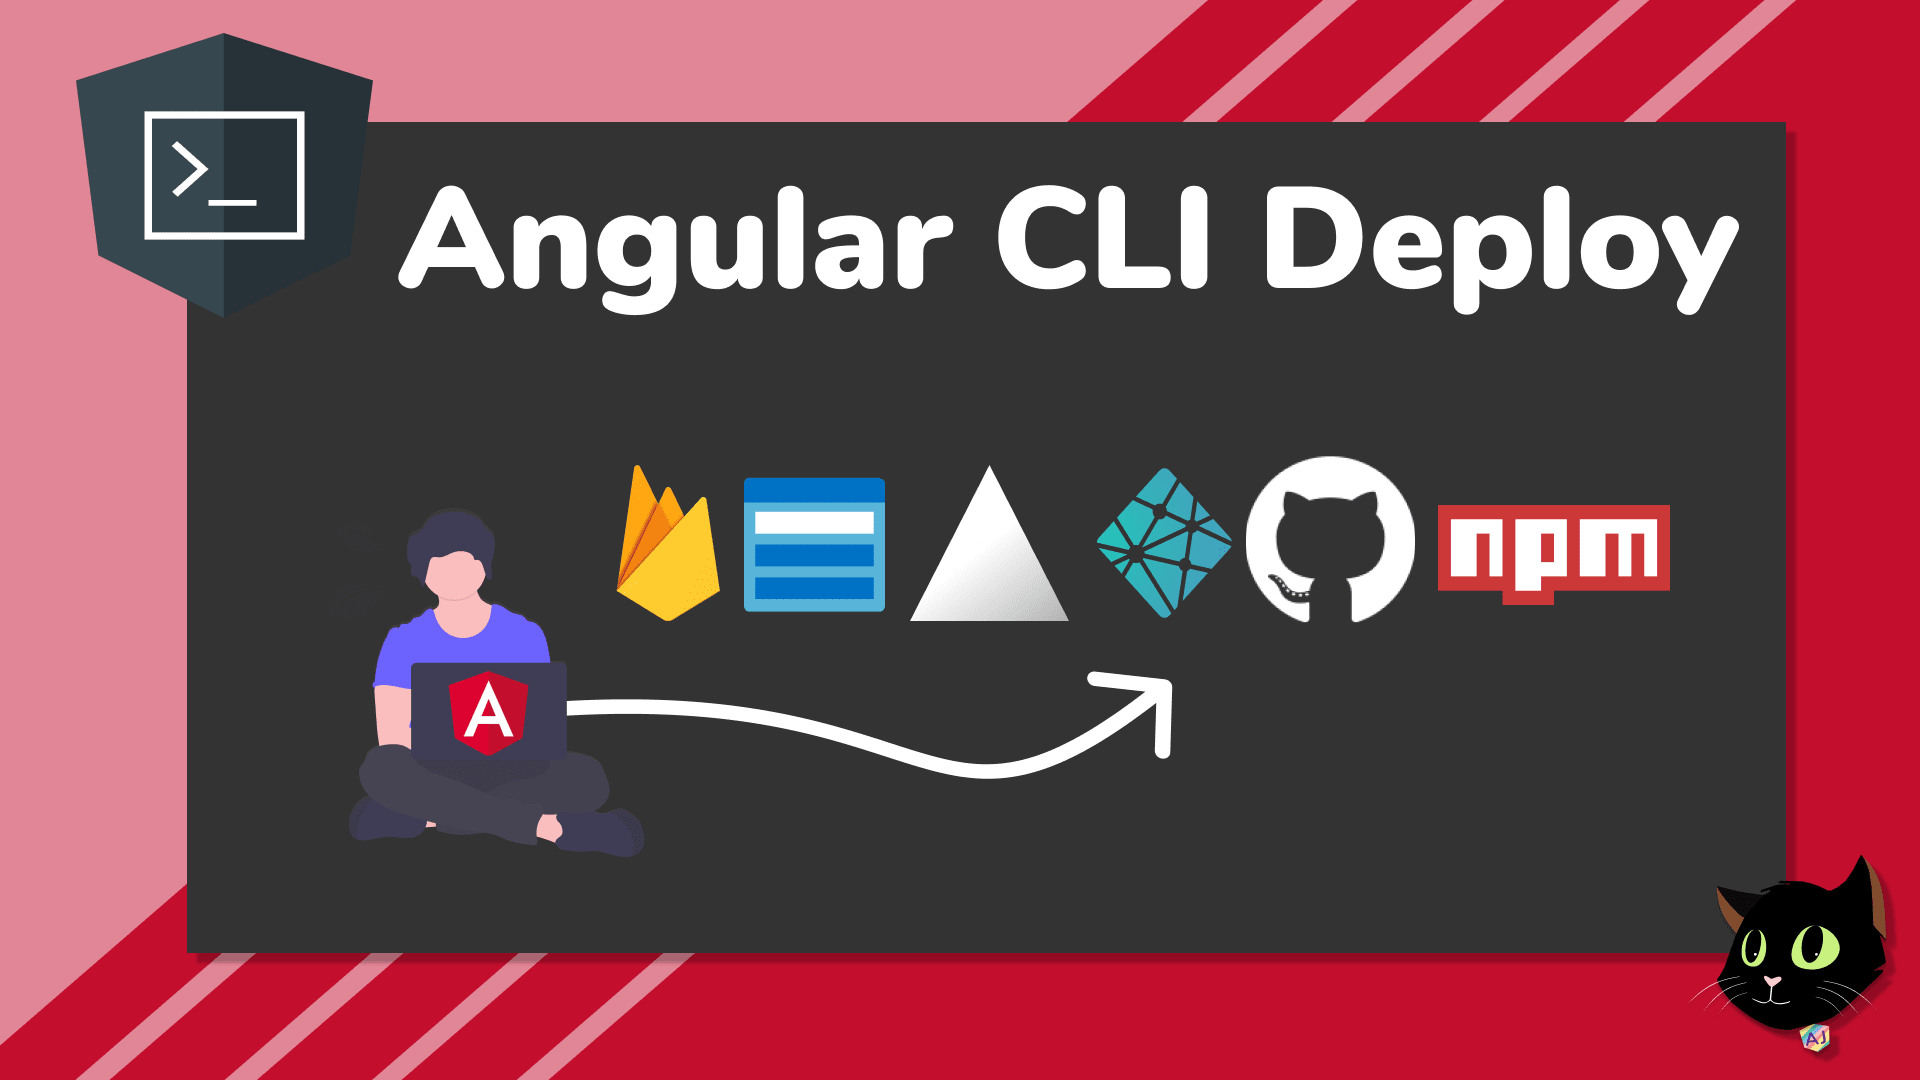 Angular CLI Deploying